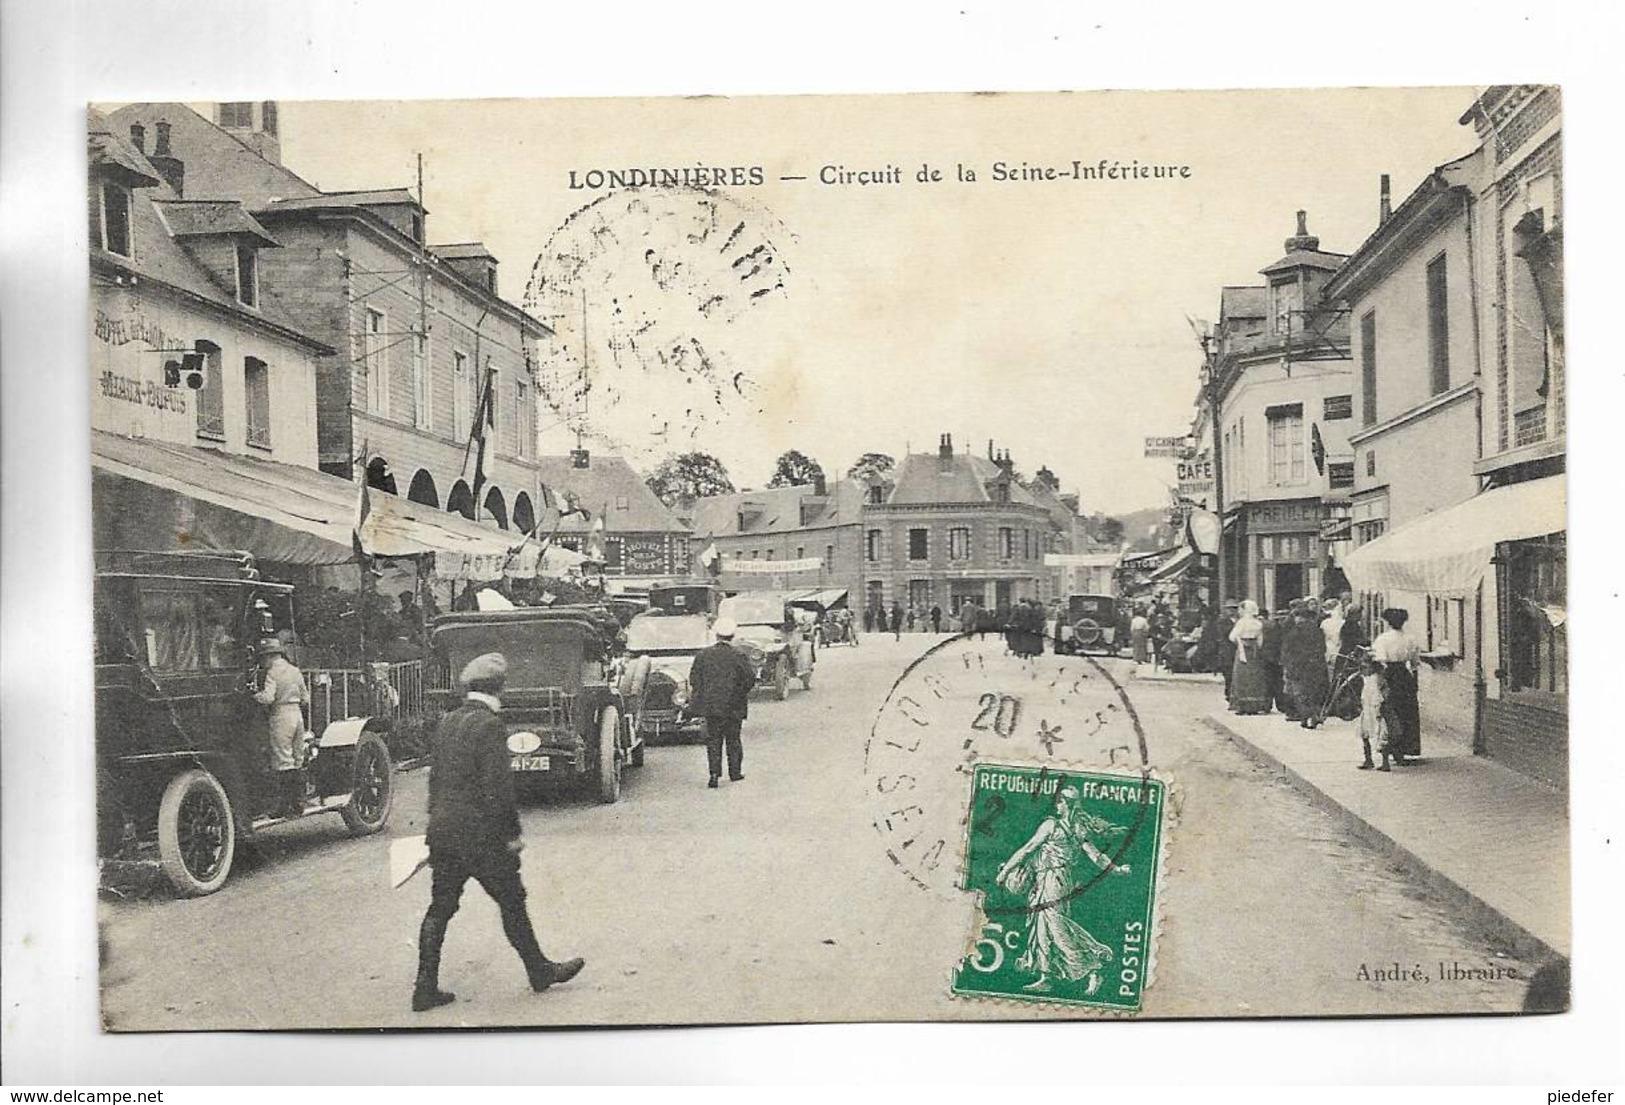 76 - LONDINIERES - Circuit De La Seine-Inférieure - Londinières